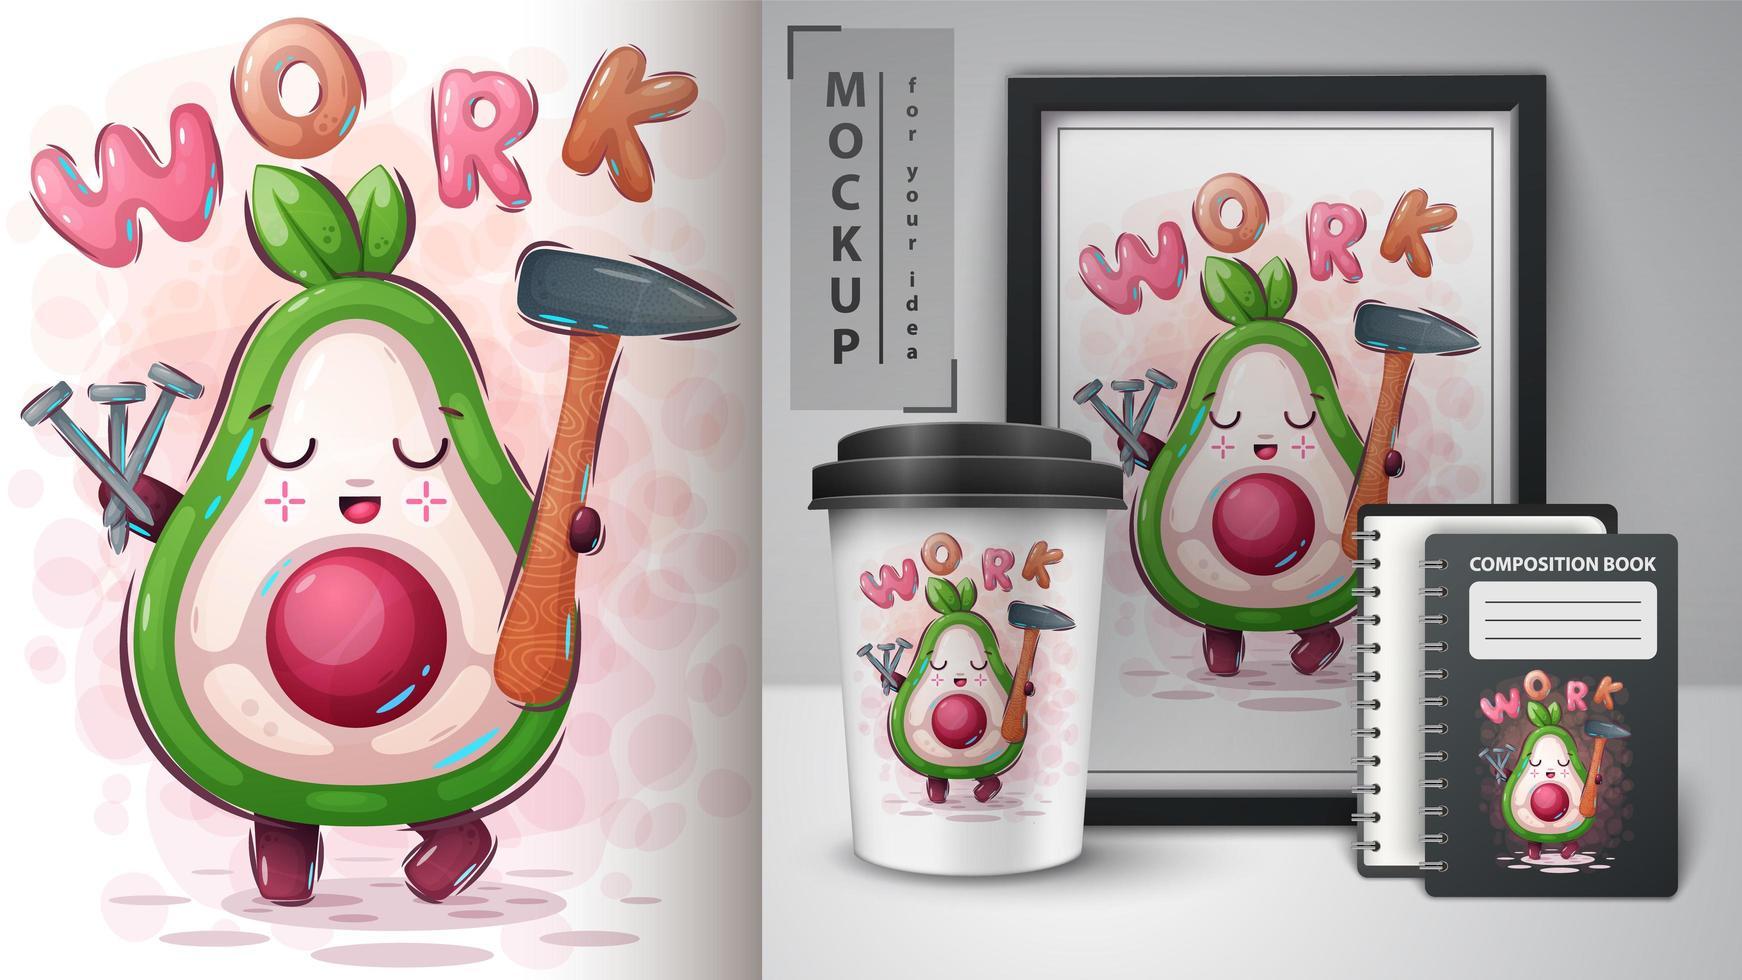 lavoro poster e merchandising di avocado vettore